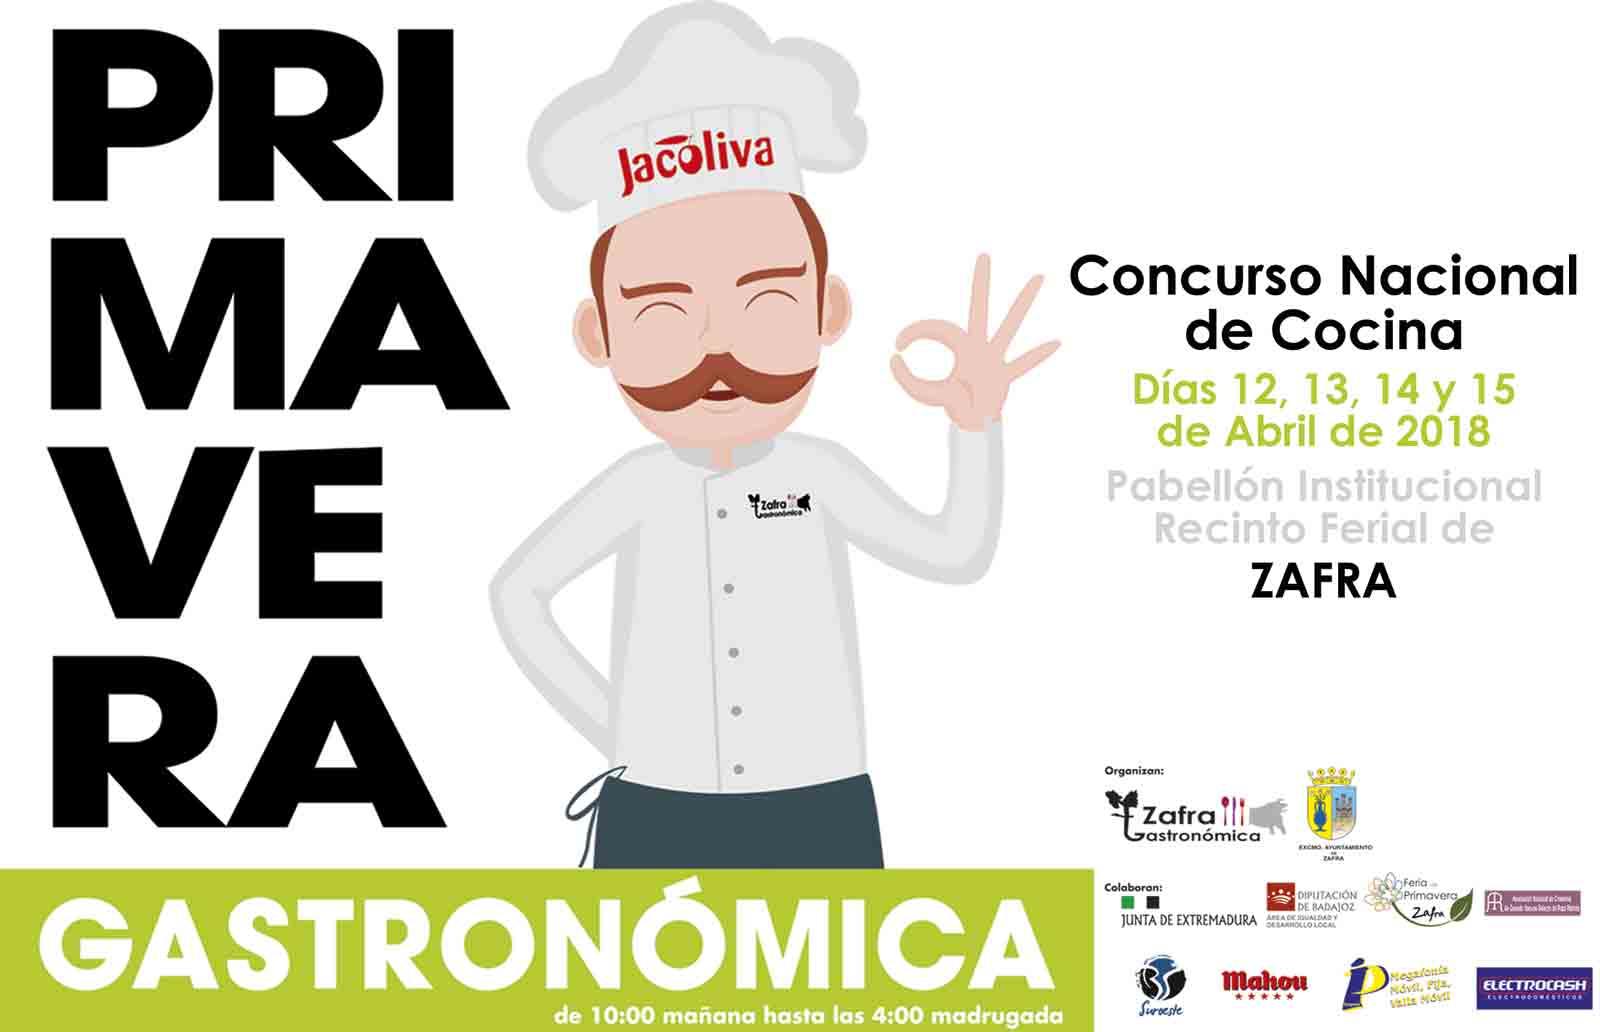 PRIMAVERA GASTRONÓMICA. Concurso Nacional de Cocina, Concurso de Contelería, Exposiciones, Degustaciones...